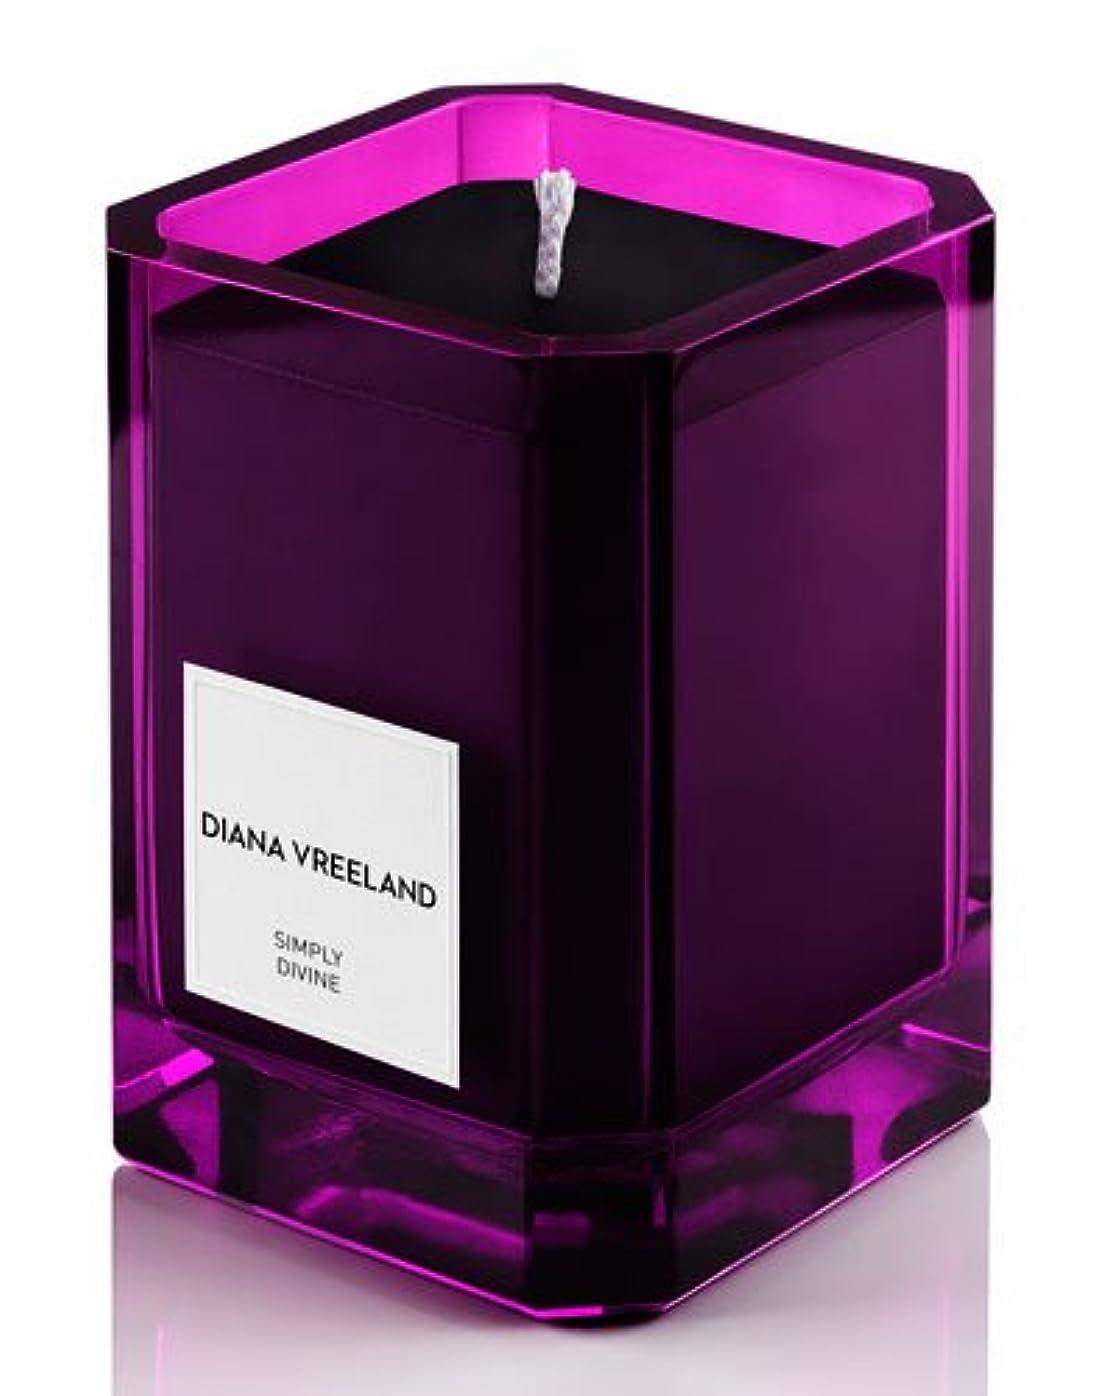 に応じて愚か優れましたDiana Vreeland Simply Divine(ダイアナ ヴリーランド シンプリーディヴァイン)3.4 oz (100ml) Candle(香り付きキャンドル)